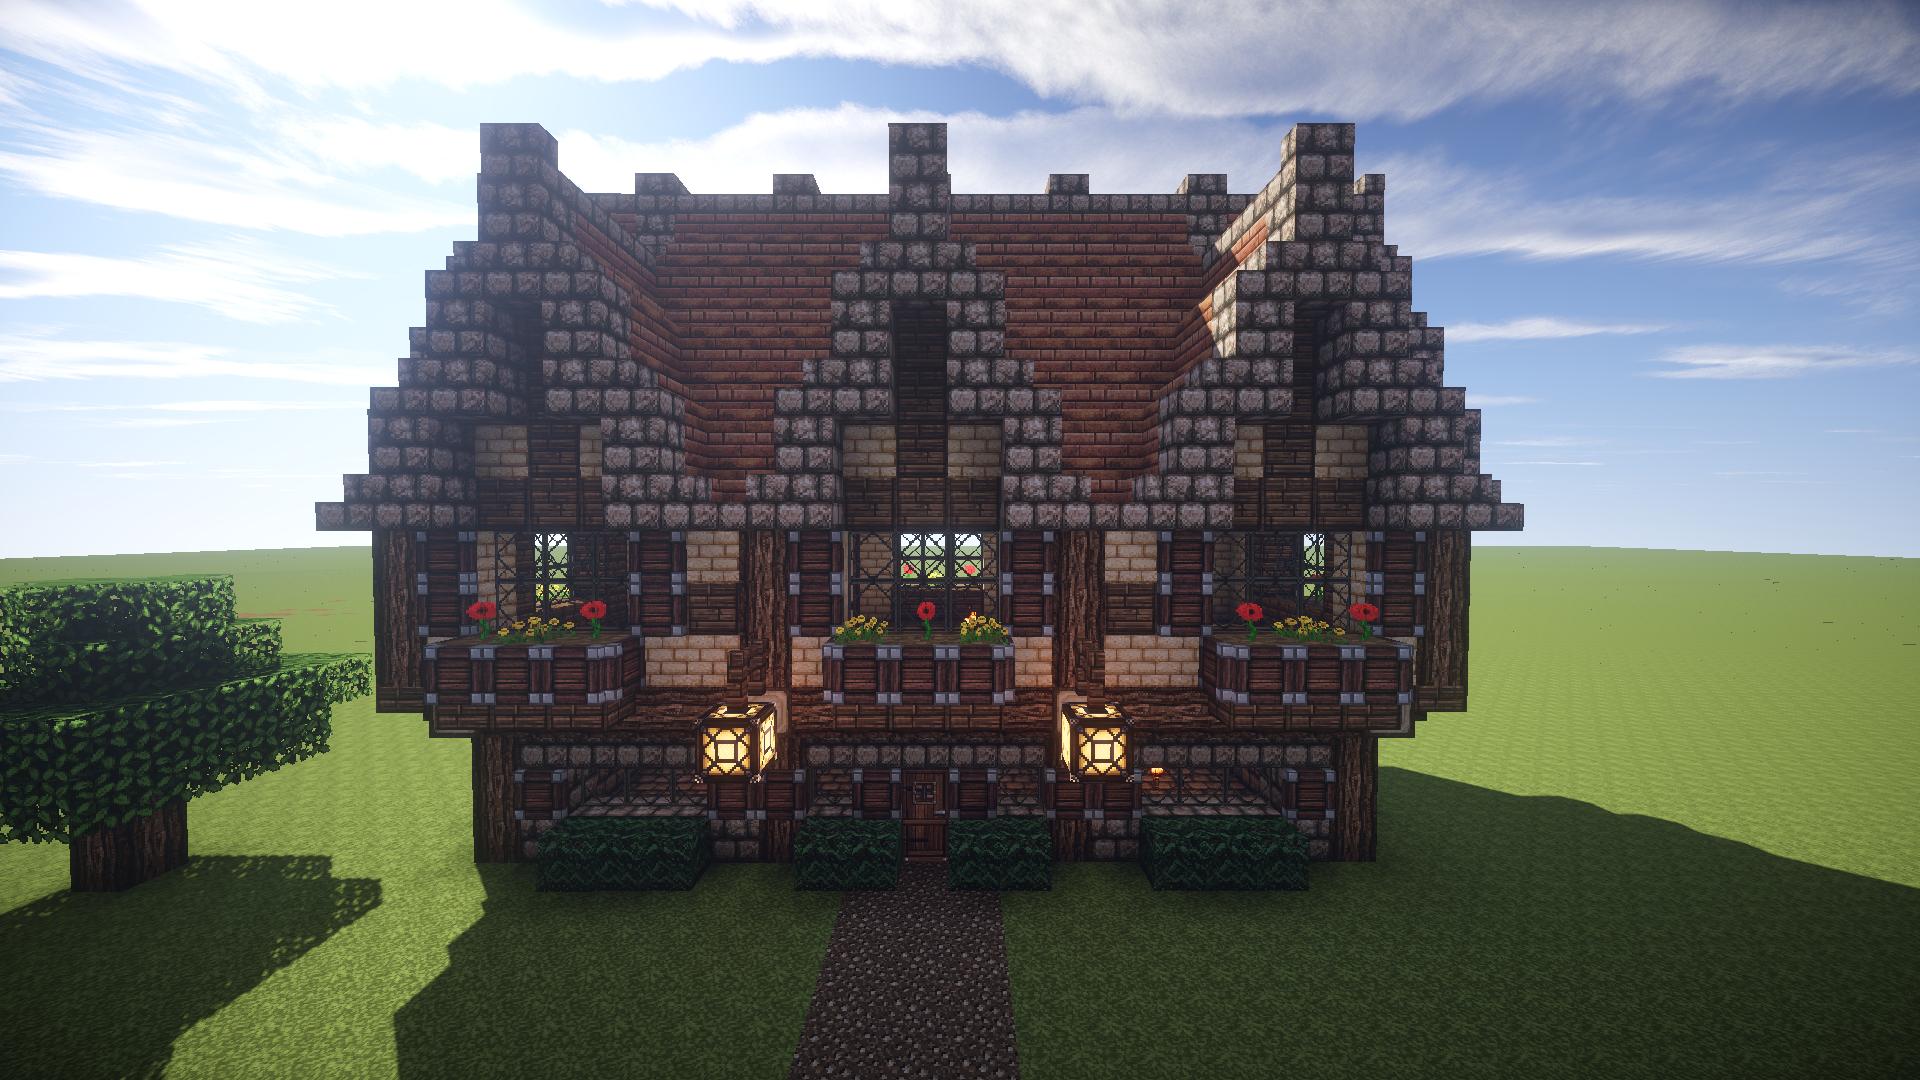 Minecraft Medieval House 1 By Daggytee On Deviantart